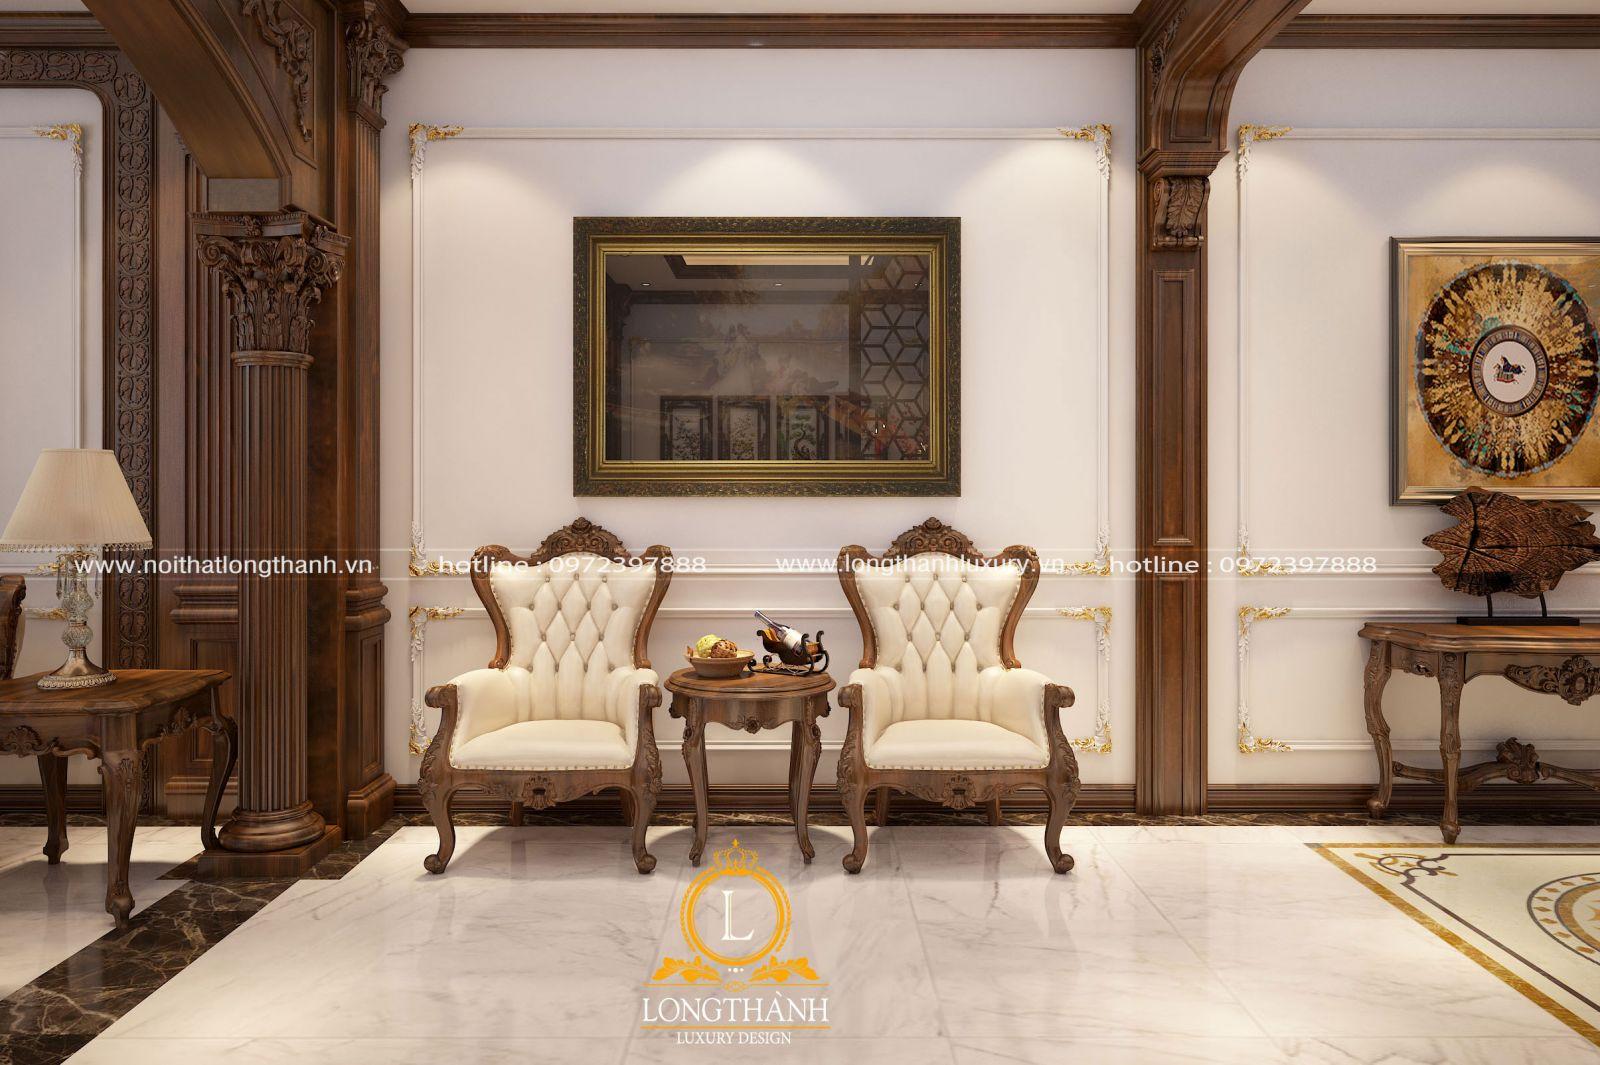 Bộ ghế nghỉ cũng được sử dụng trong không gian phòng khách biệt thự